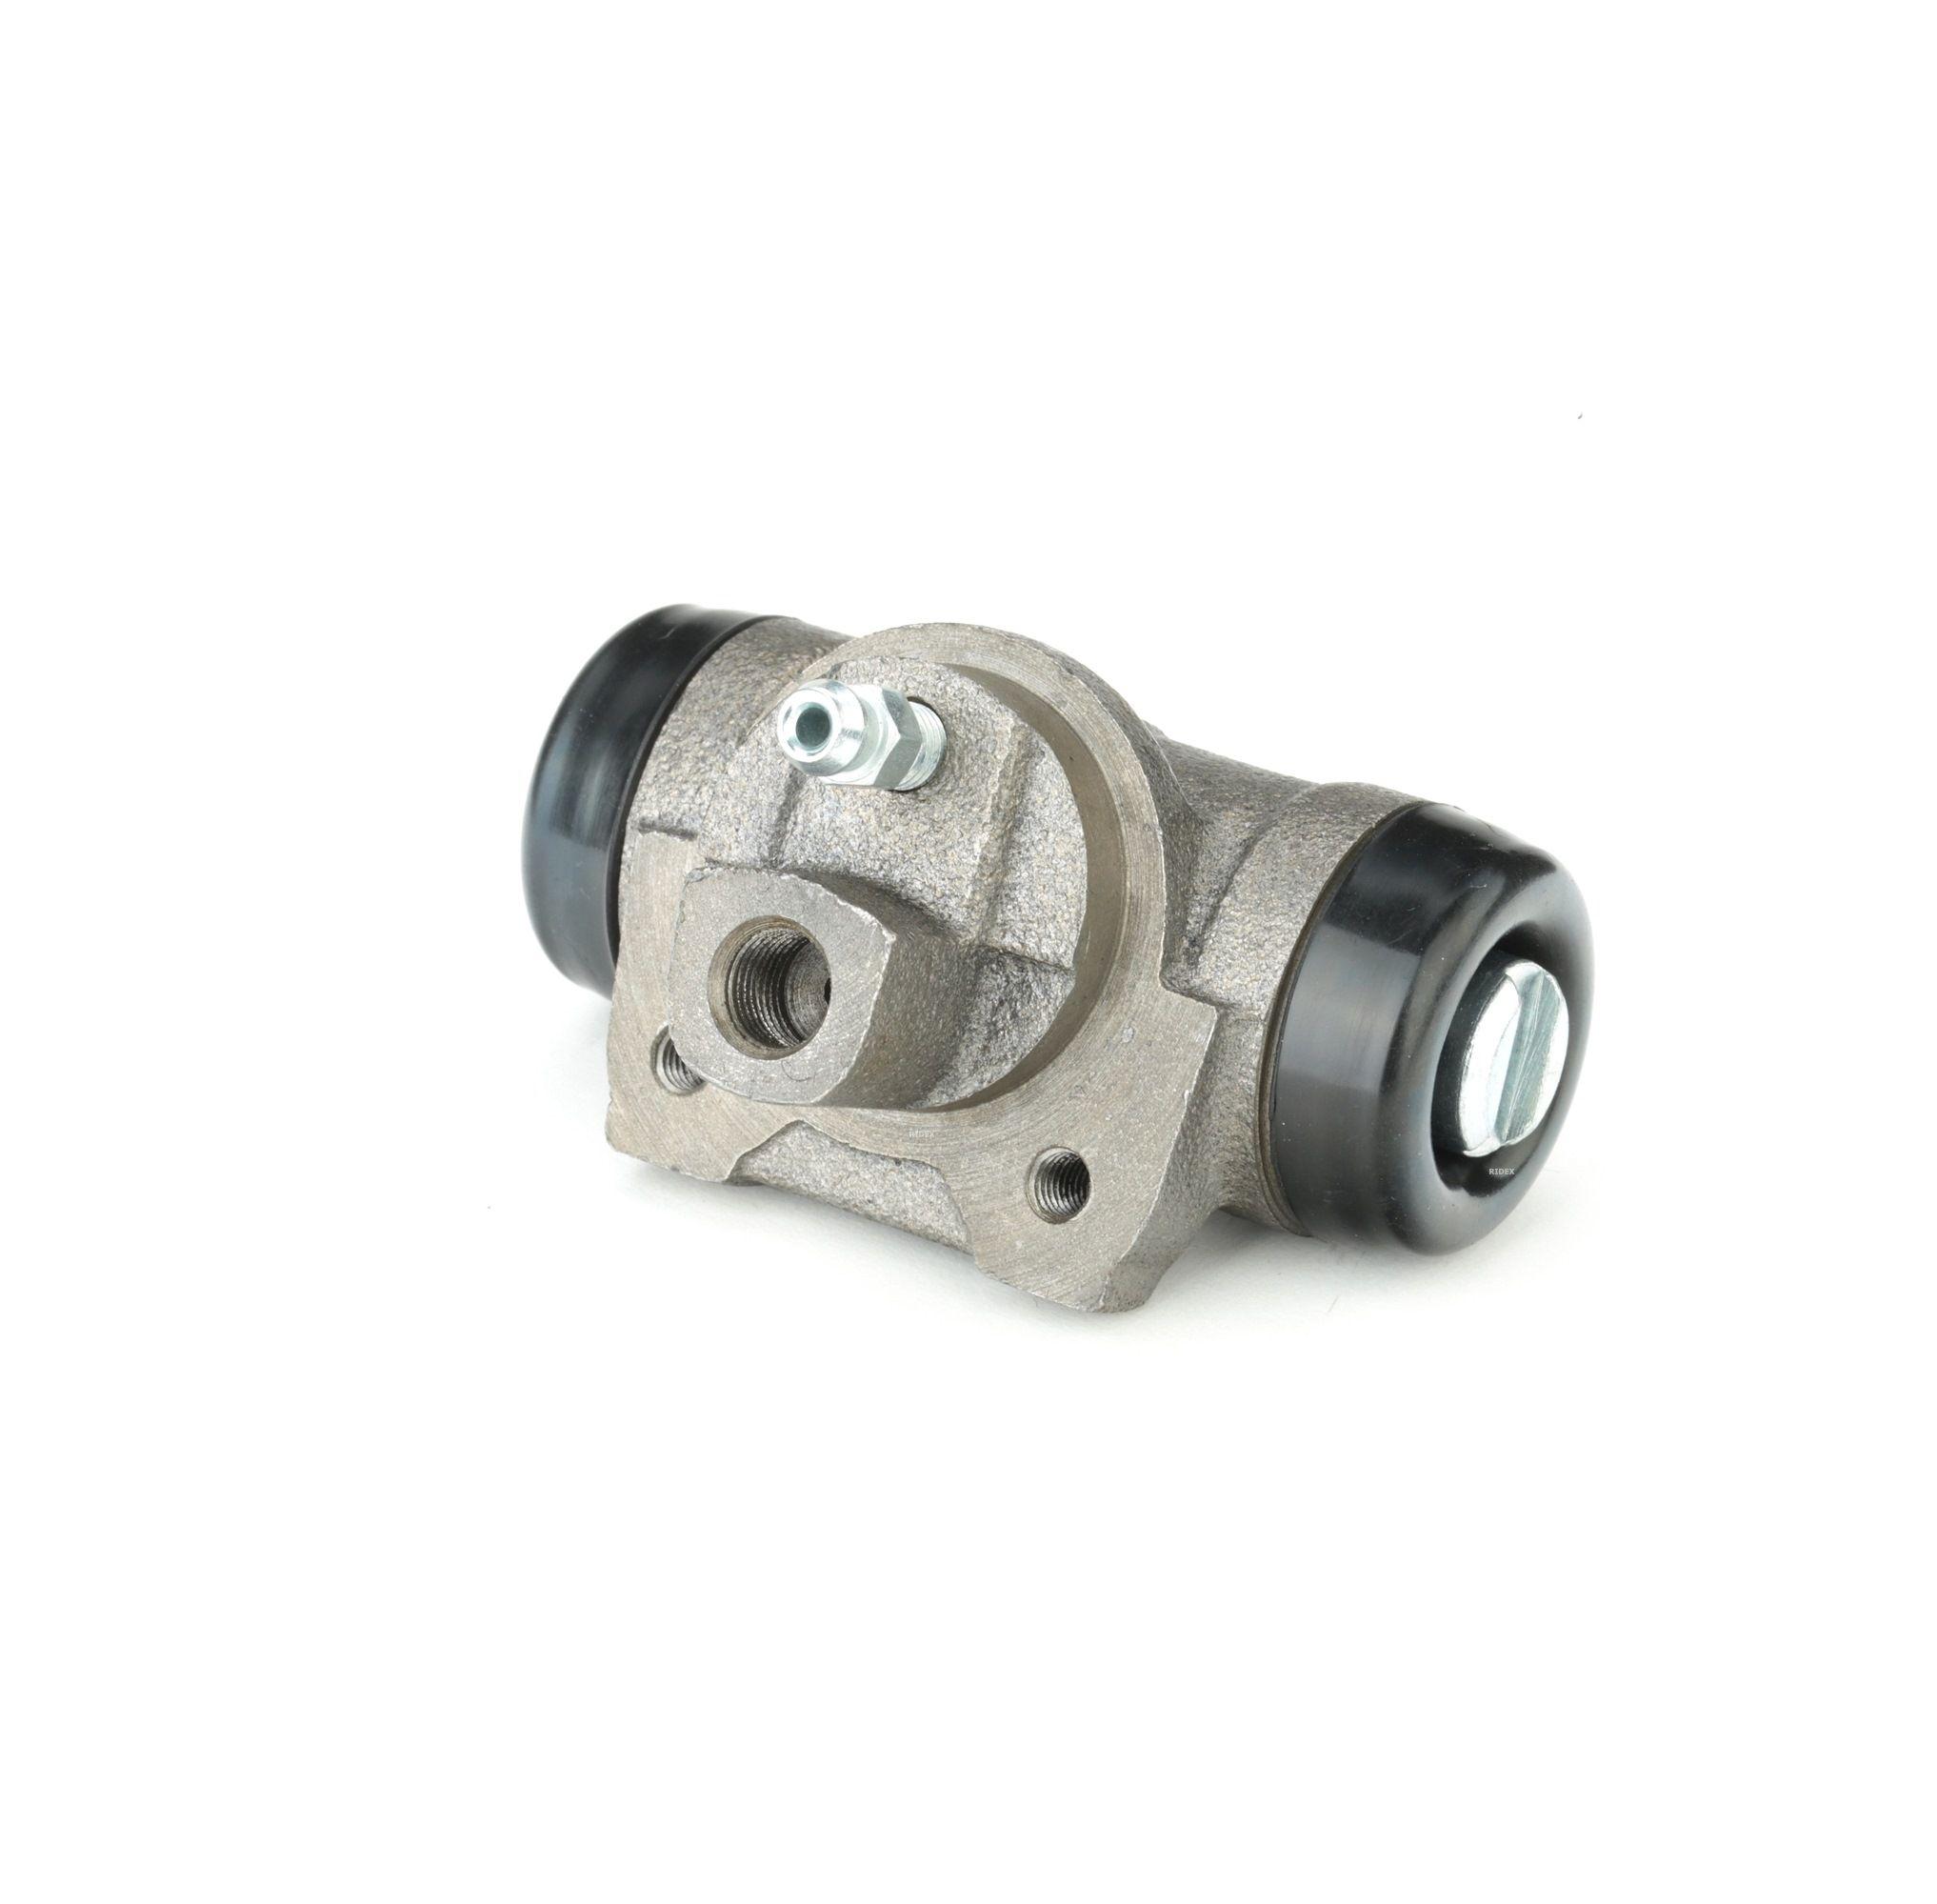 Radzylinder RIDEX 277W0027 Bewertung